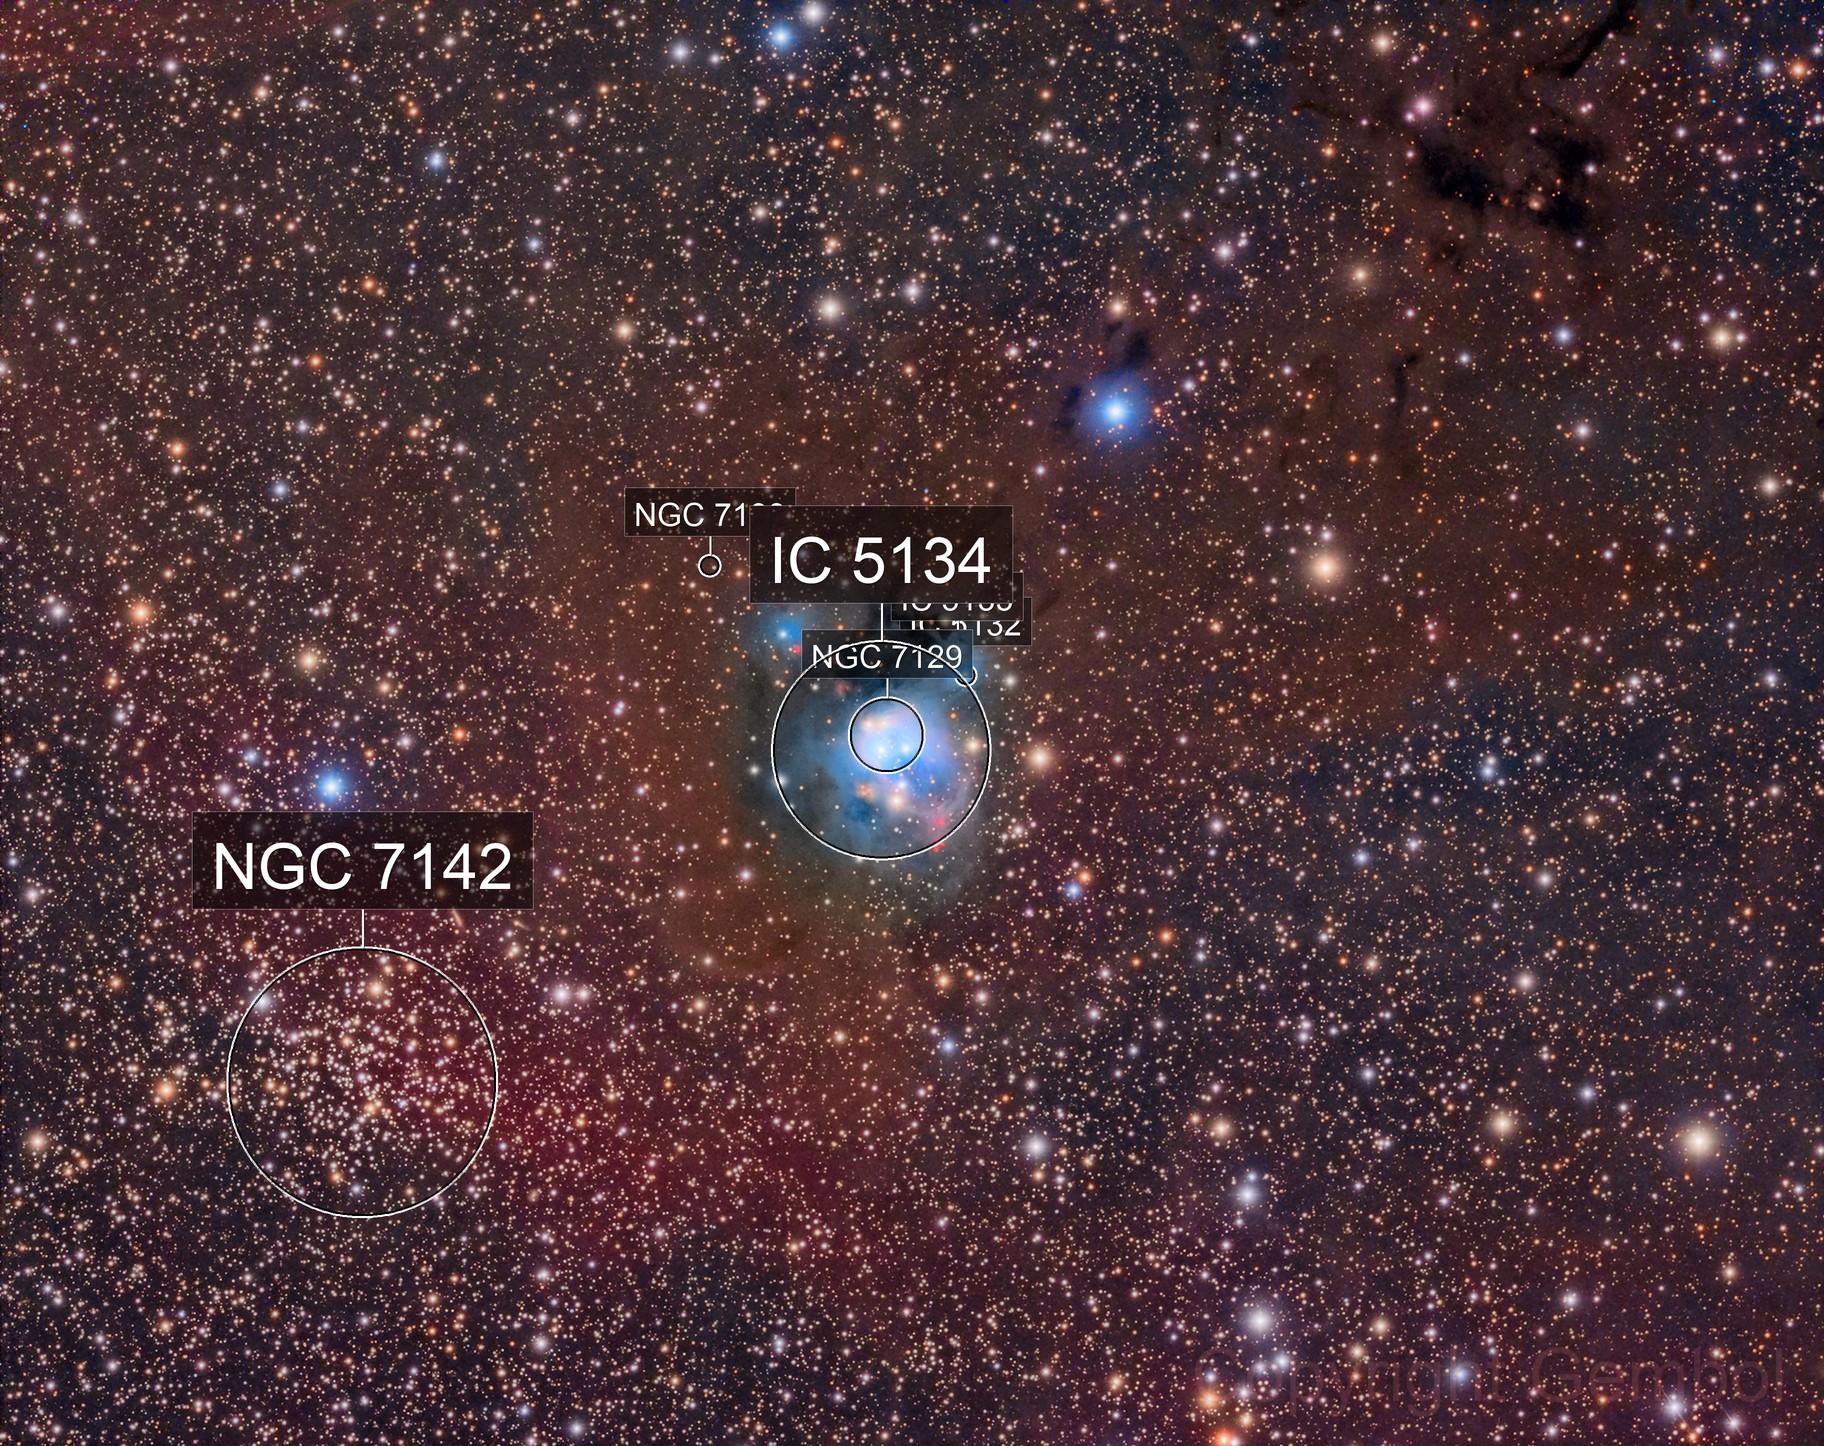 NGC7129 and NGC7142